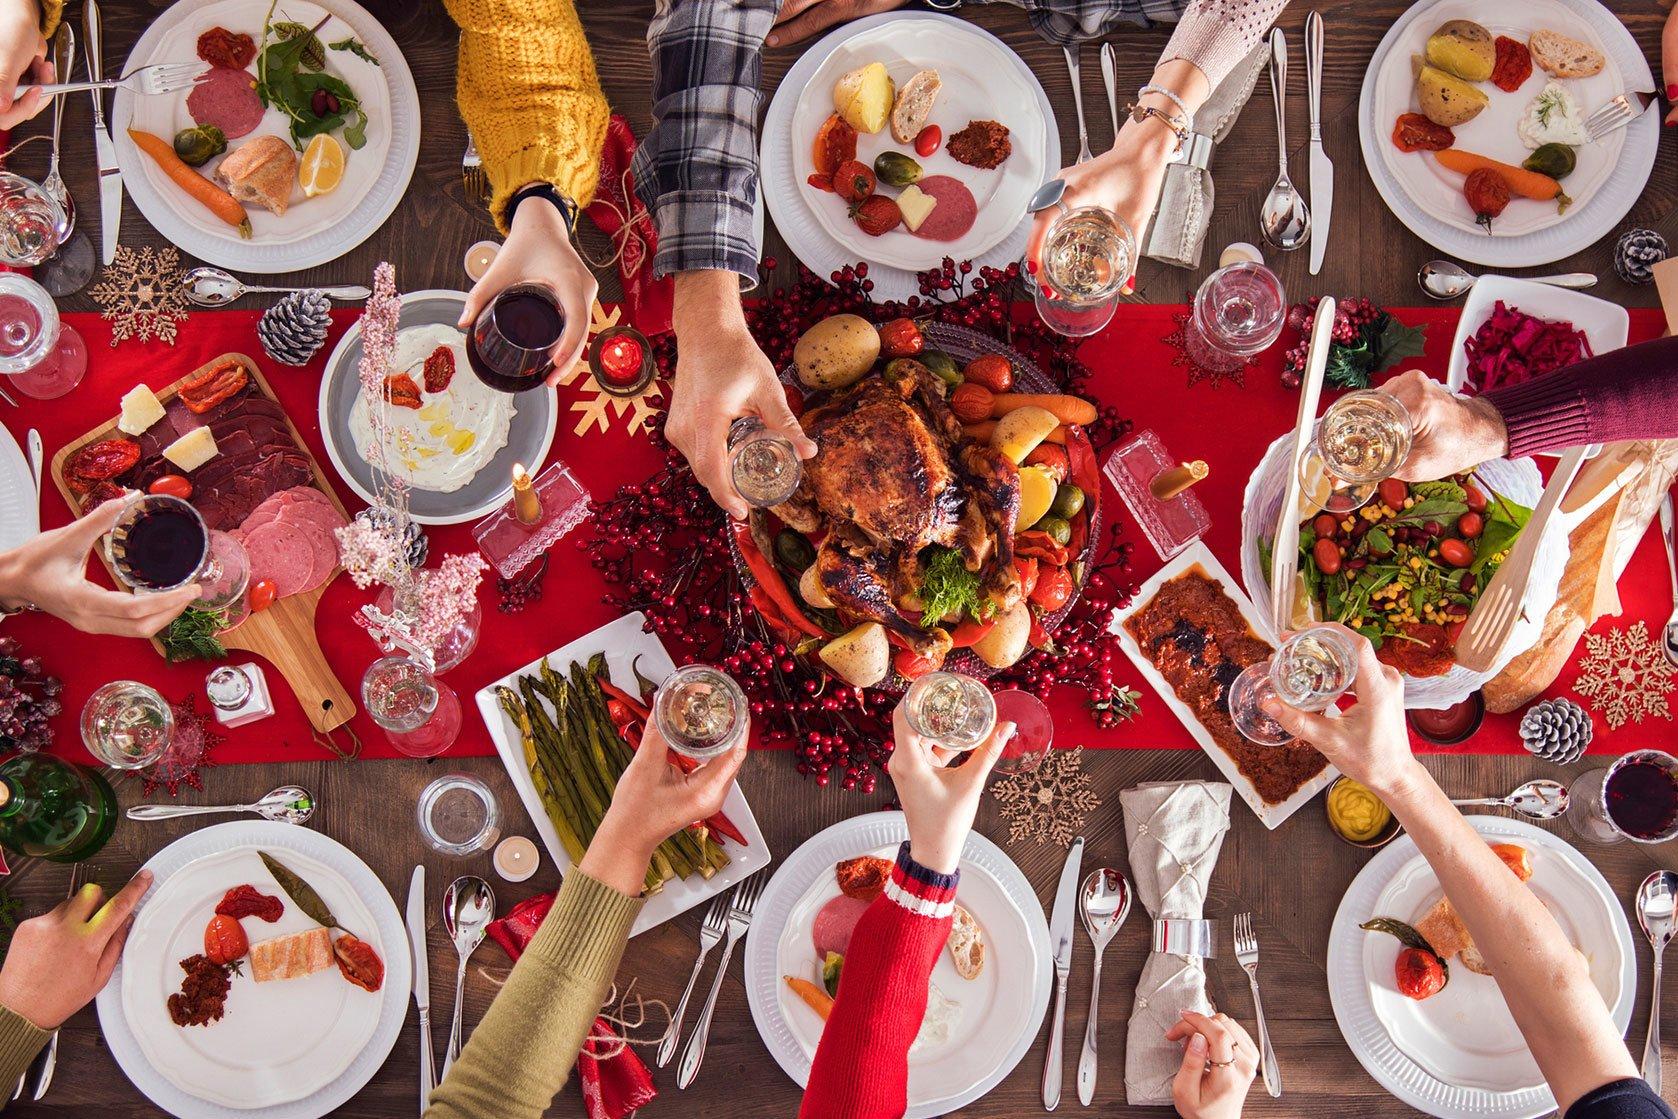 Як не переїсти у Новий рік: 6 лайфхаків